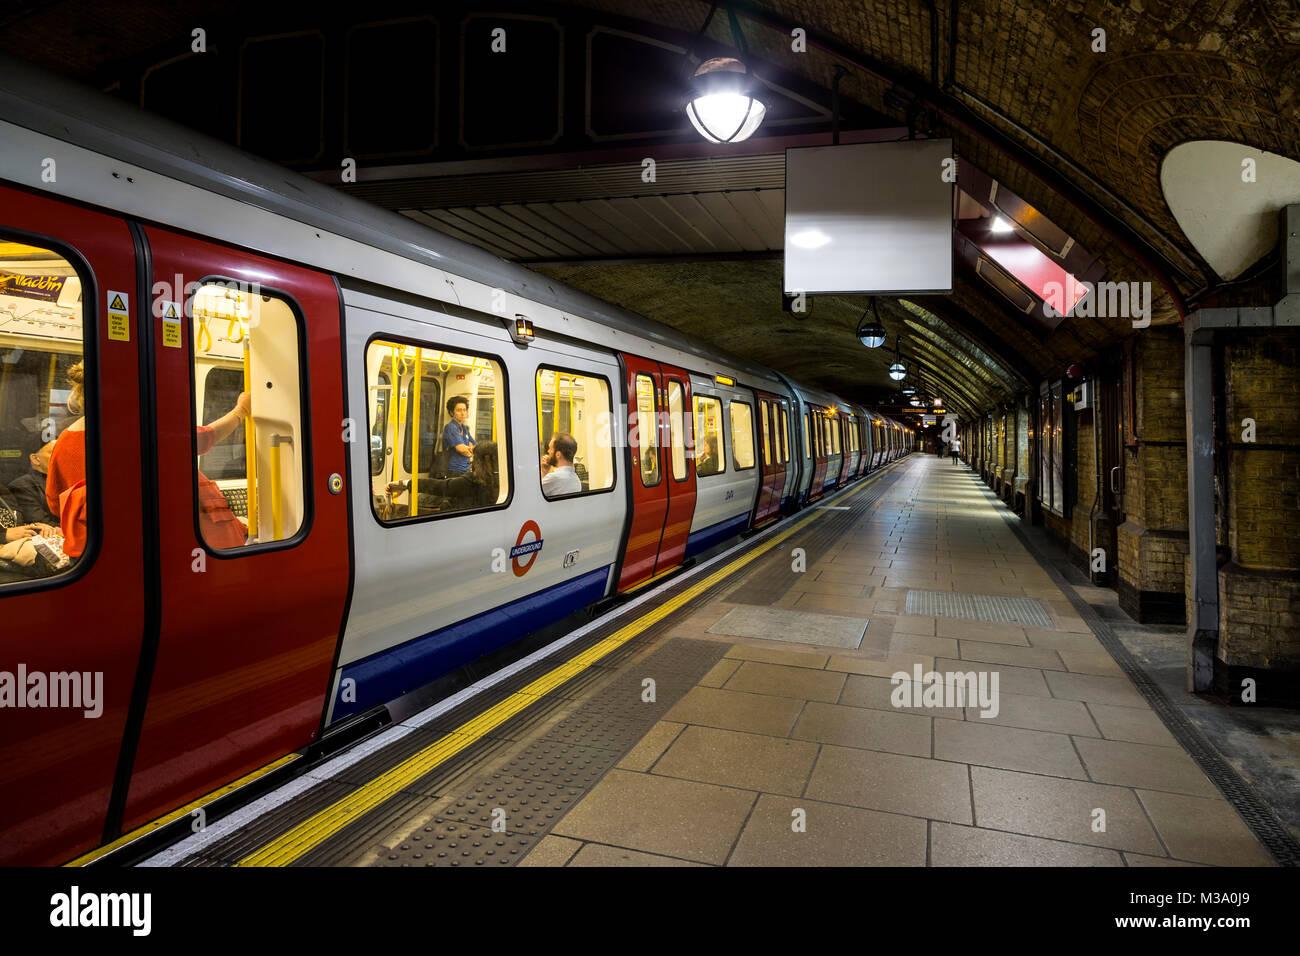 Underground (Tube) train car, Baker Street Underground Station, London, England, United Kingdom - Stock Image